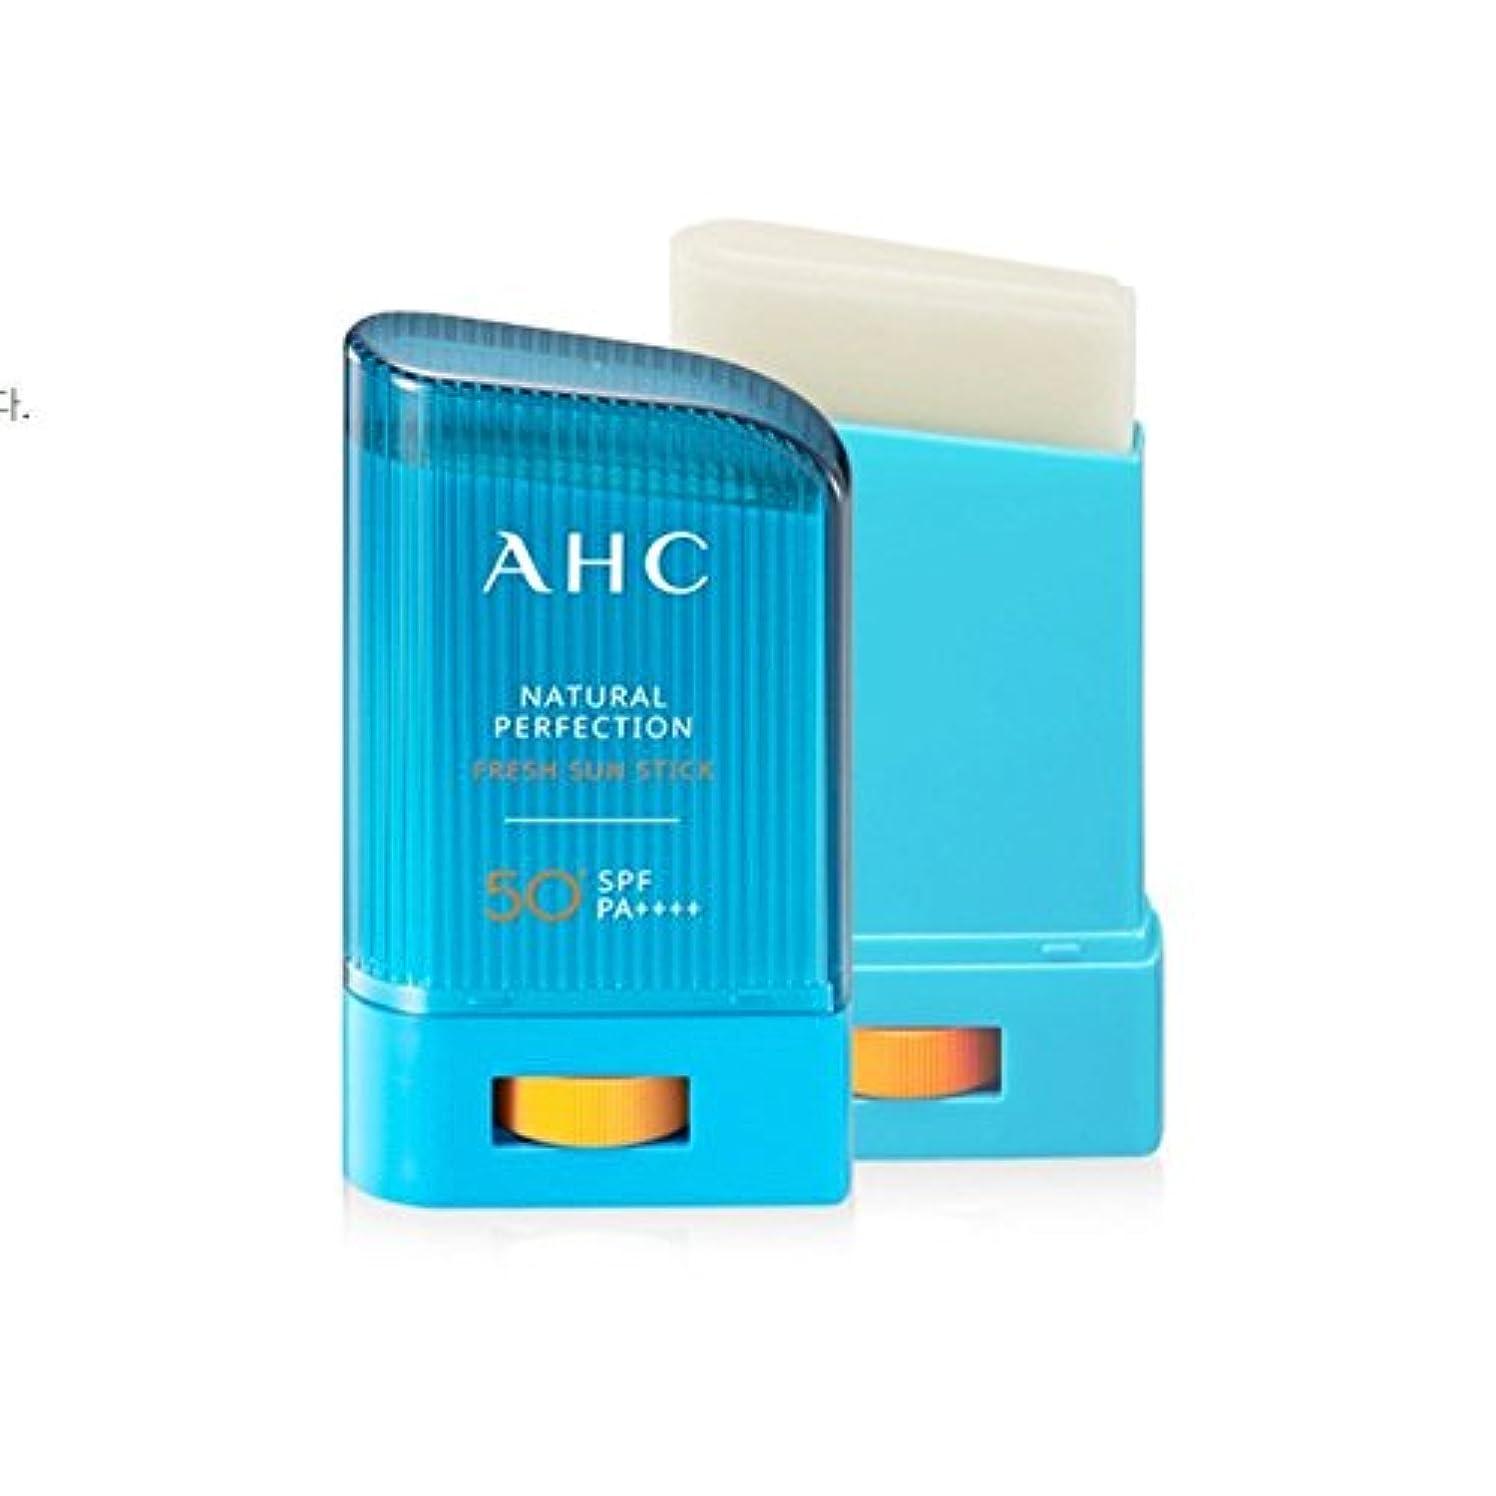 株式適合不名誉[1+1] AHC Natural Perfection Fresh Sun Stick ナチュラルパーフェクションフレッシュサンスティック 22g * 2個 [並行輸入品]